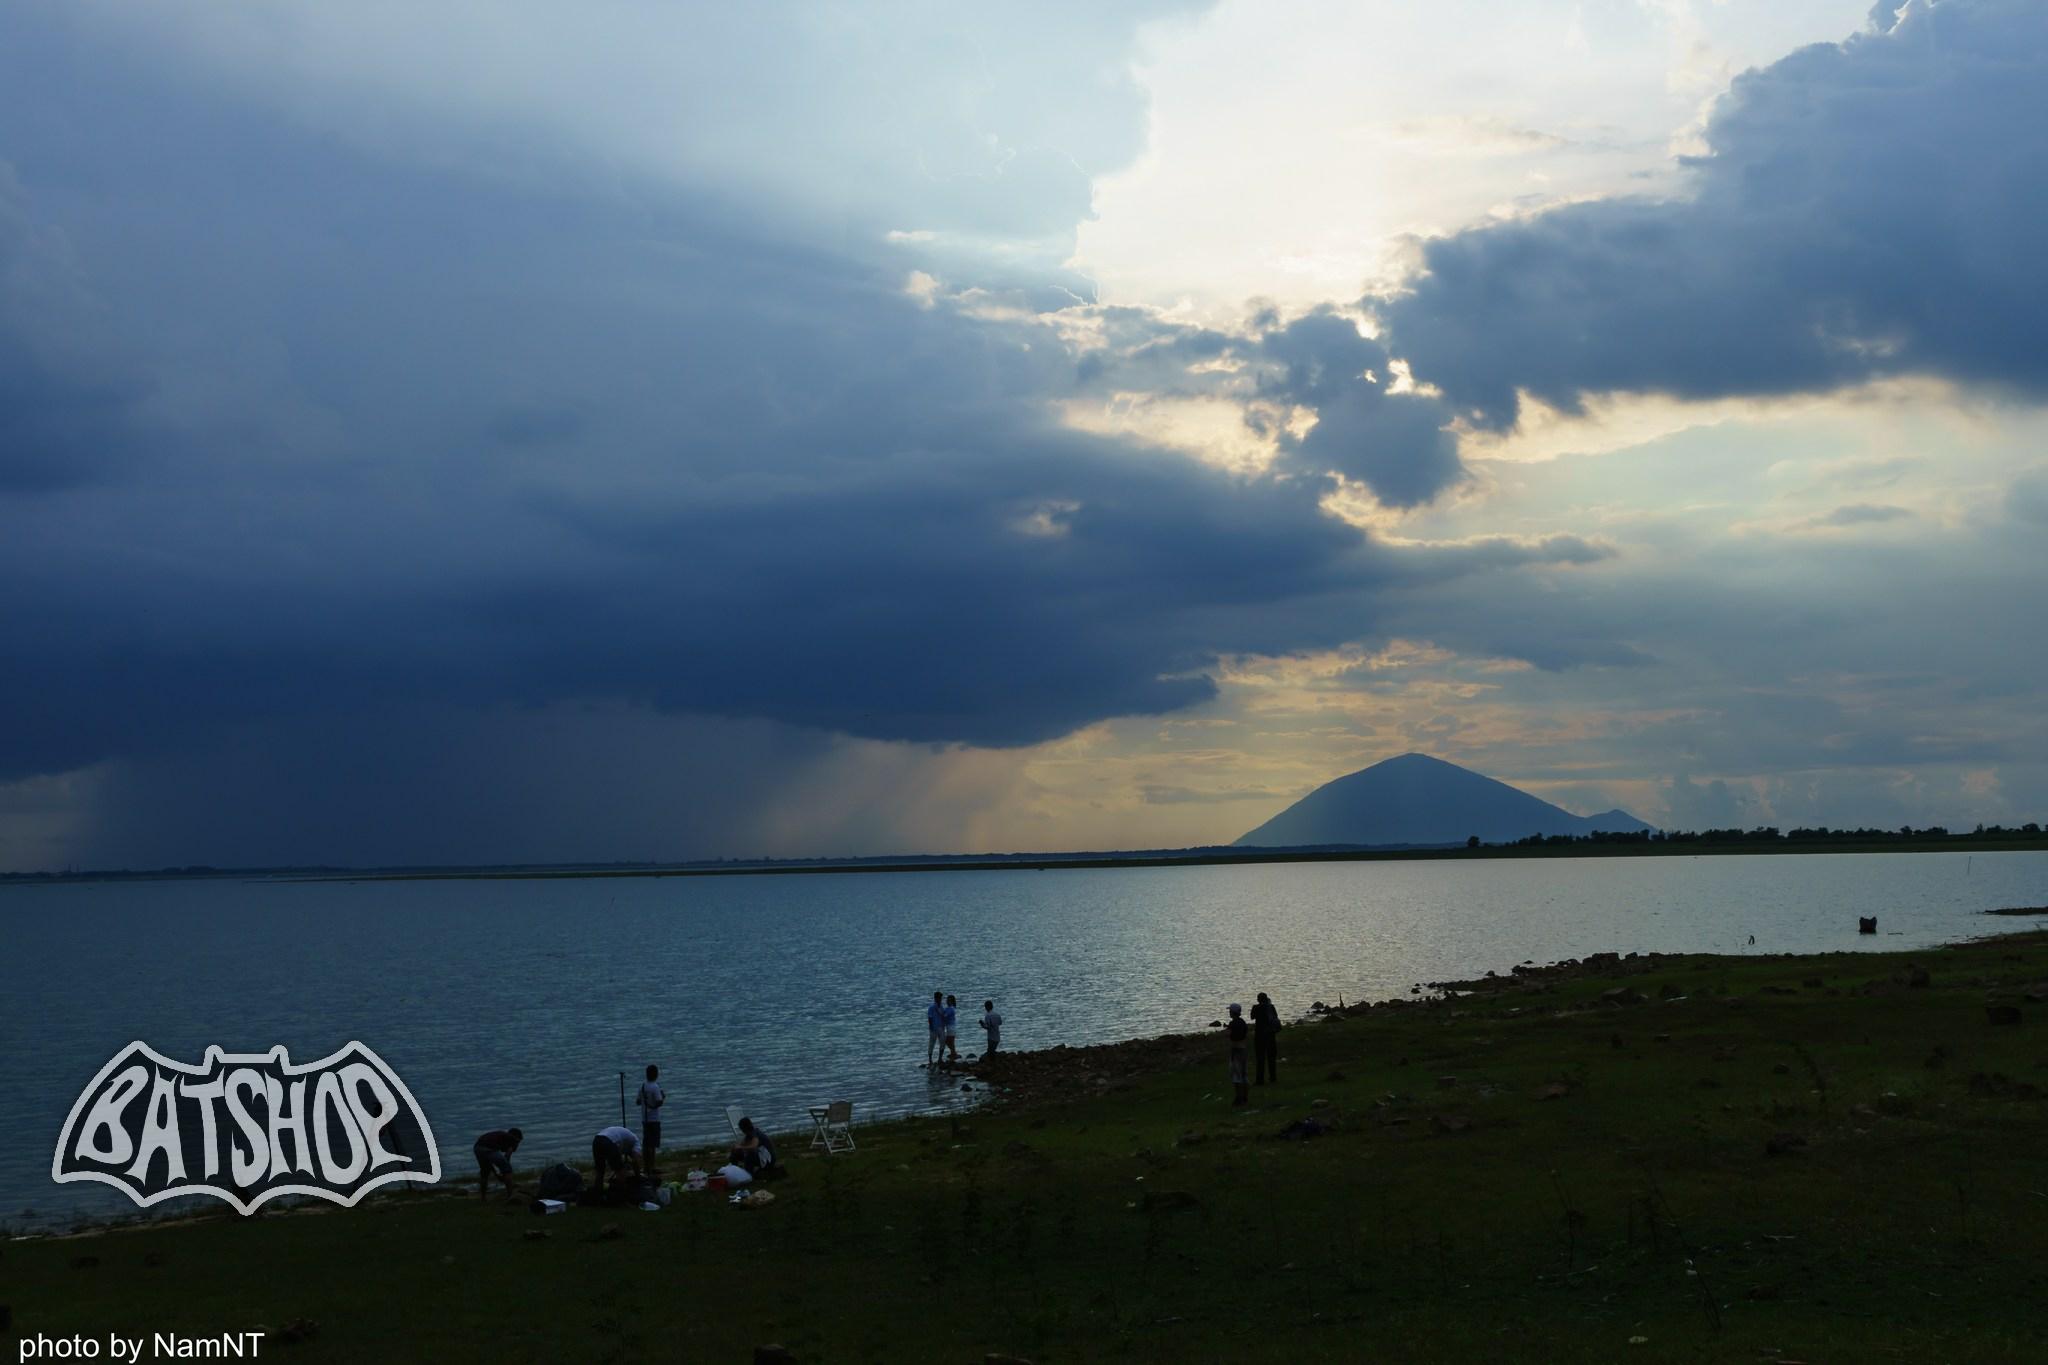 20026168553 6519a3ecda k - Hồ Cần Nôm-Dầu Tiếng chuyến đạp xe, băng rừng, leo núi, tắm hồ, mần gà